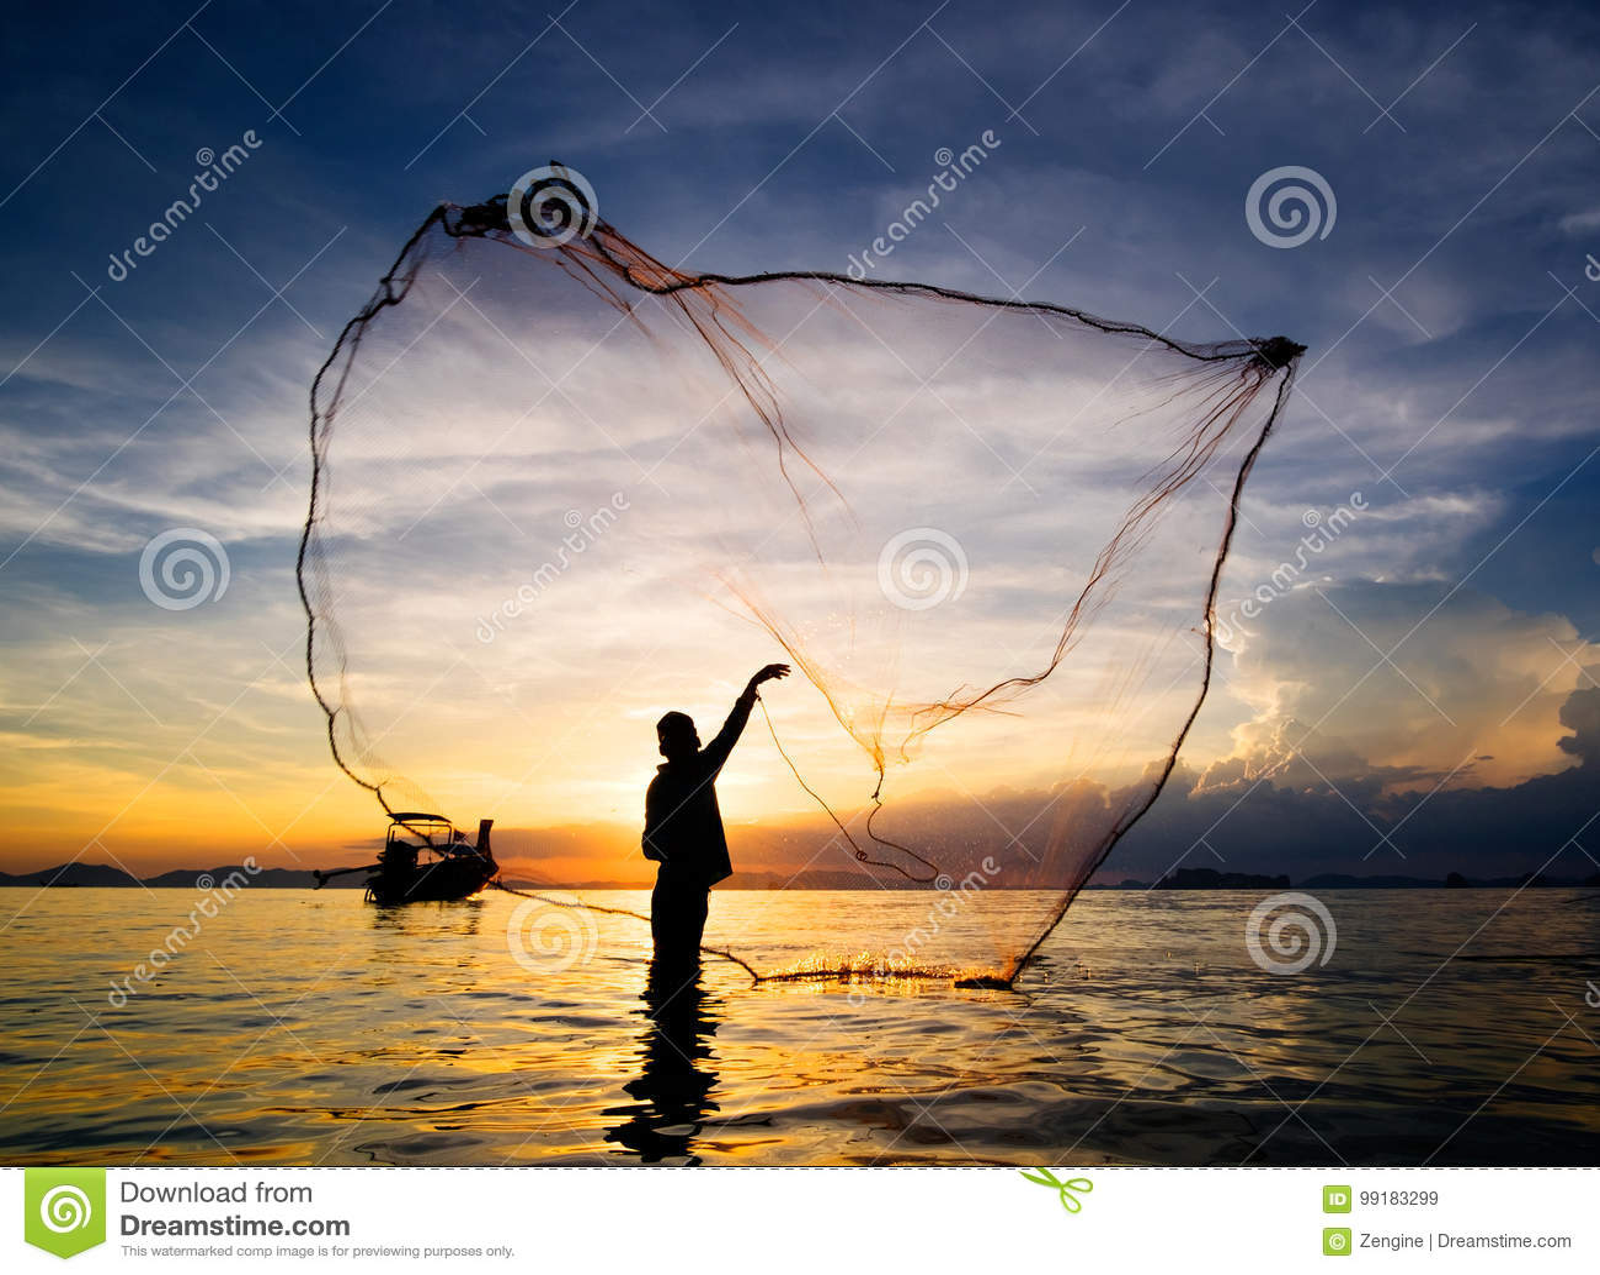 Sylwetka rybak rzucona sieć rybacka w morze